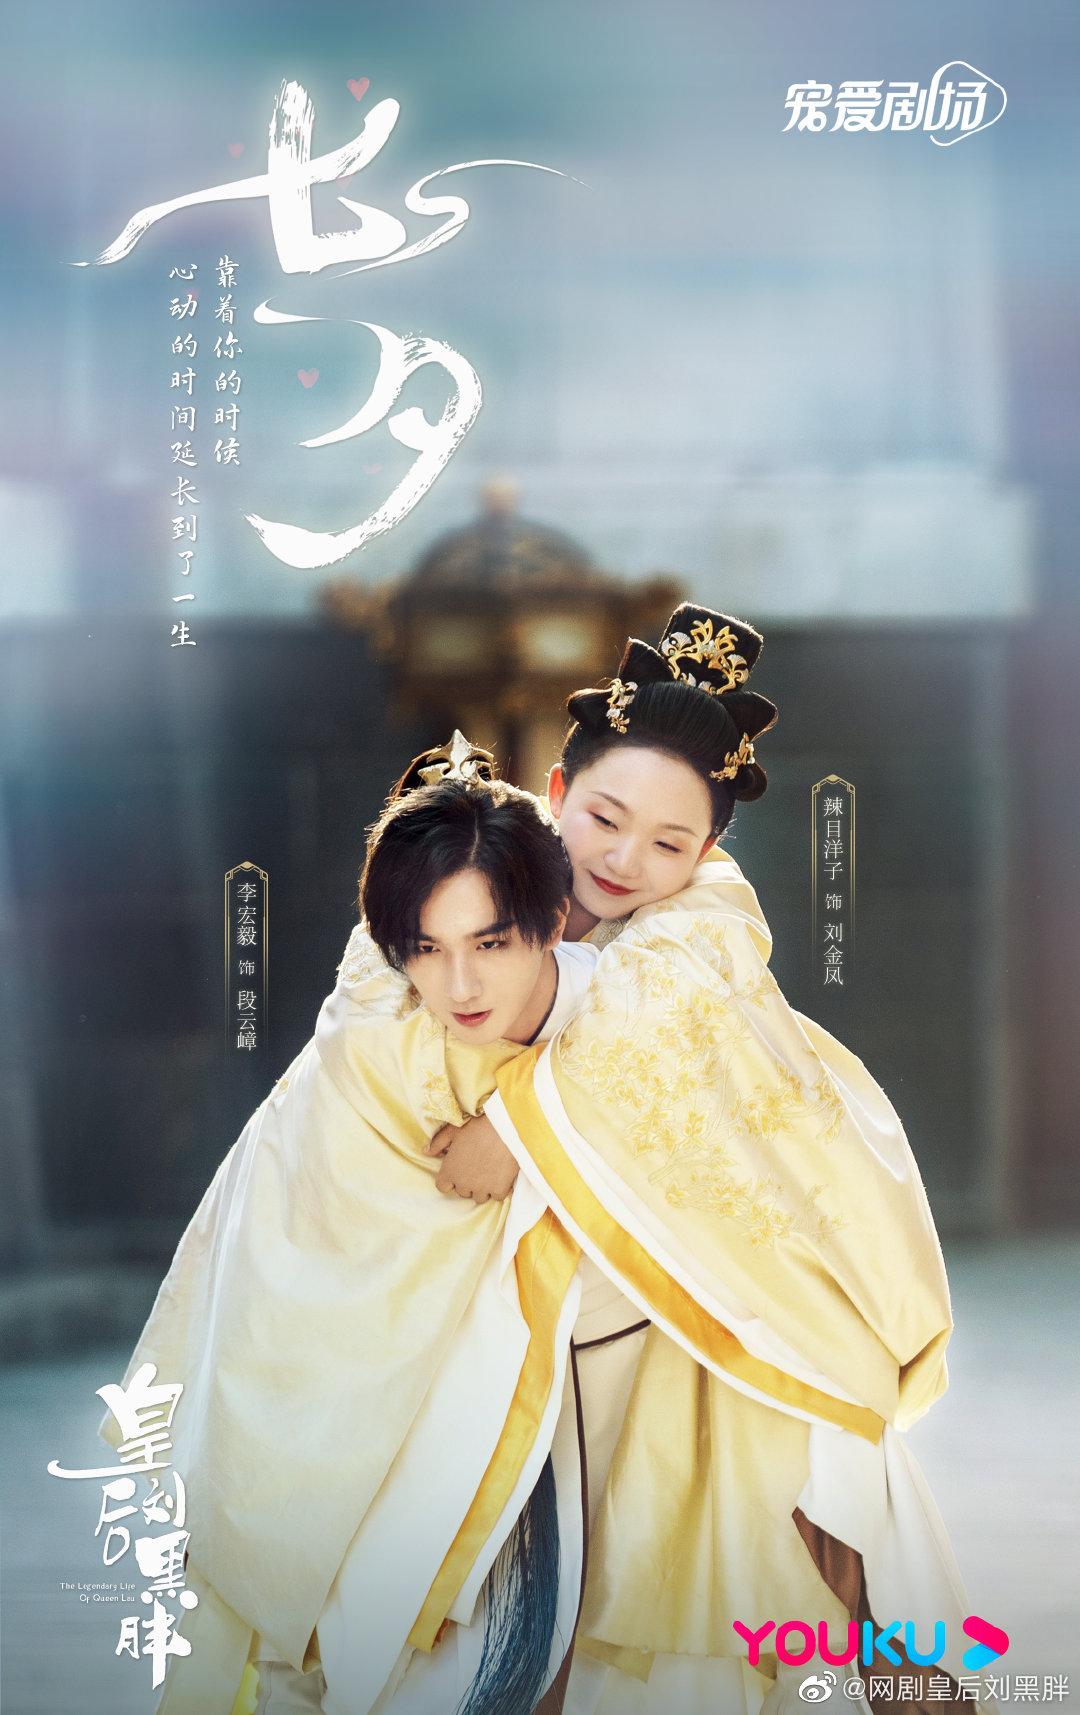 Hoàng Hậu Lưu Hắc Bàn - Vietsub Thuyết Minh (2021)